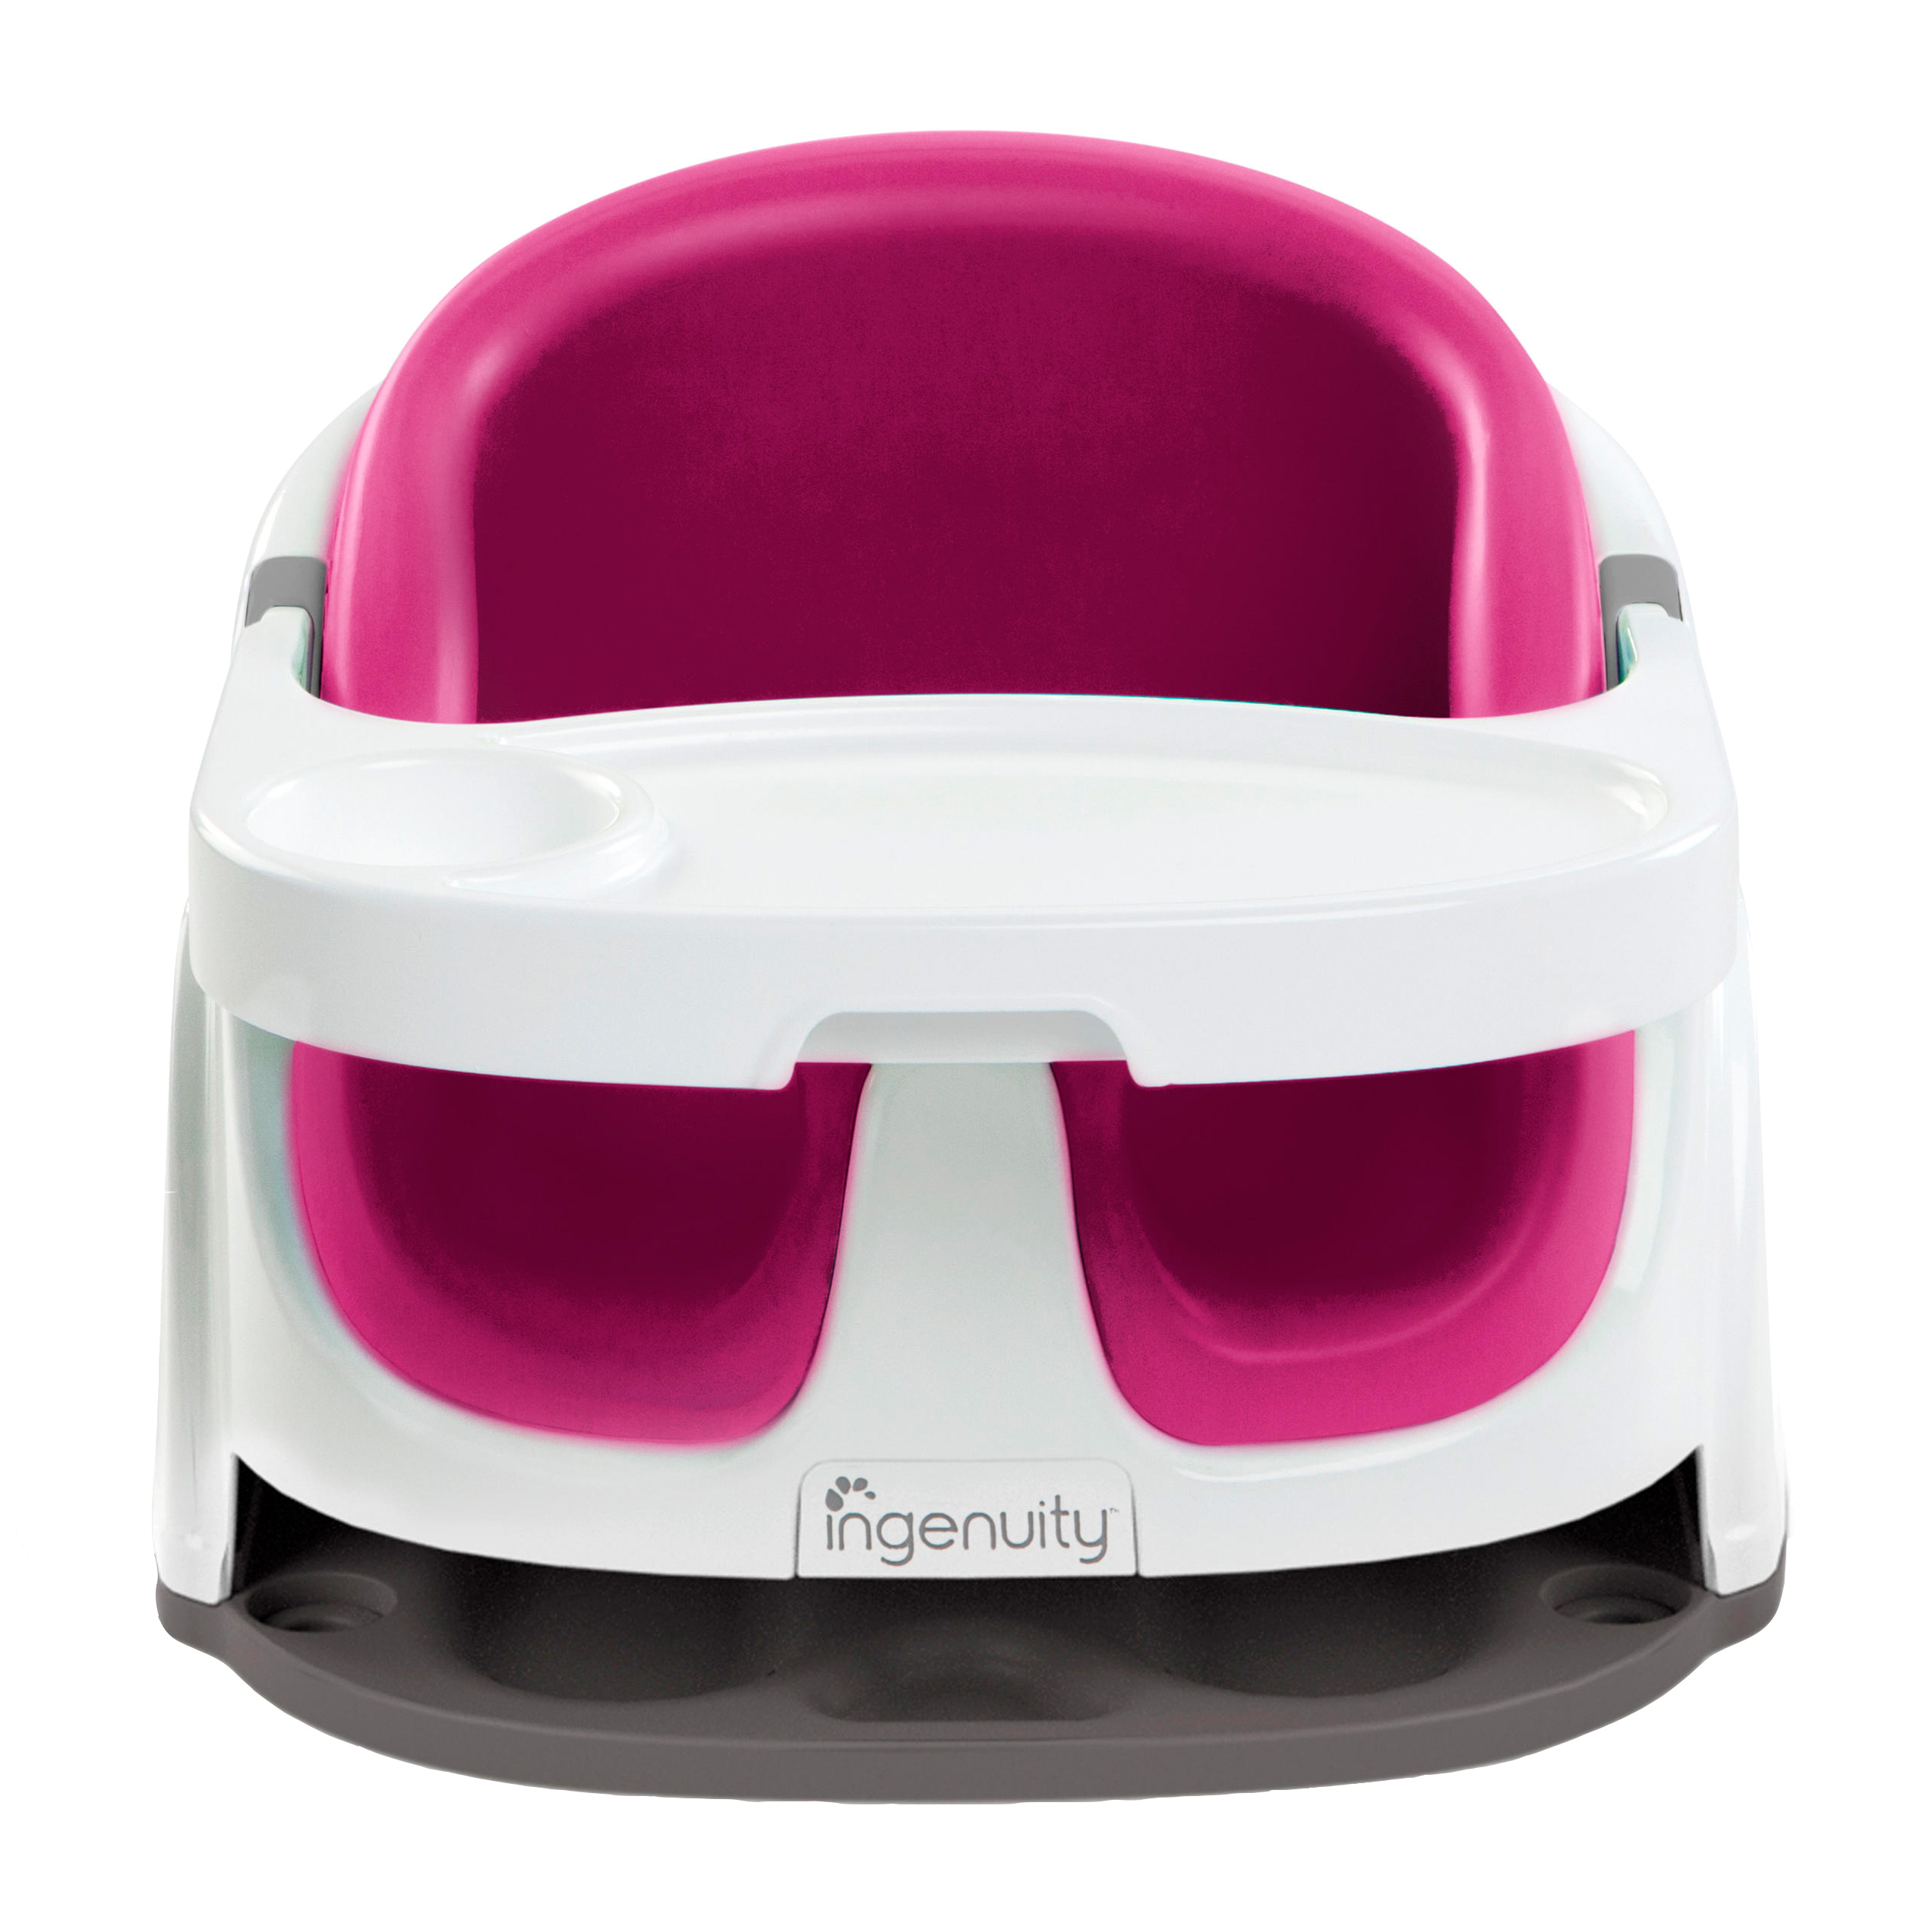 Billede af Ingenuity 2-i-1 stolesæde - Pink